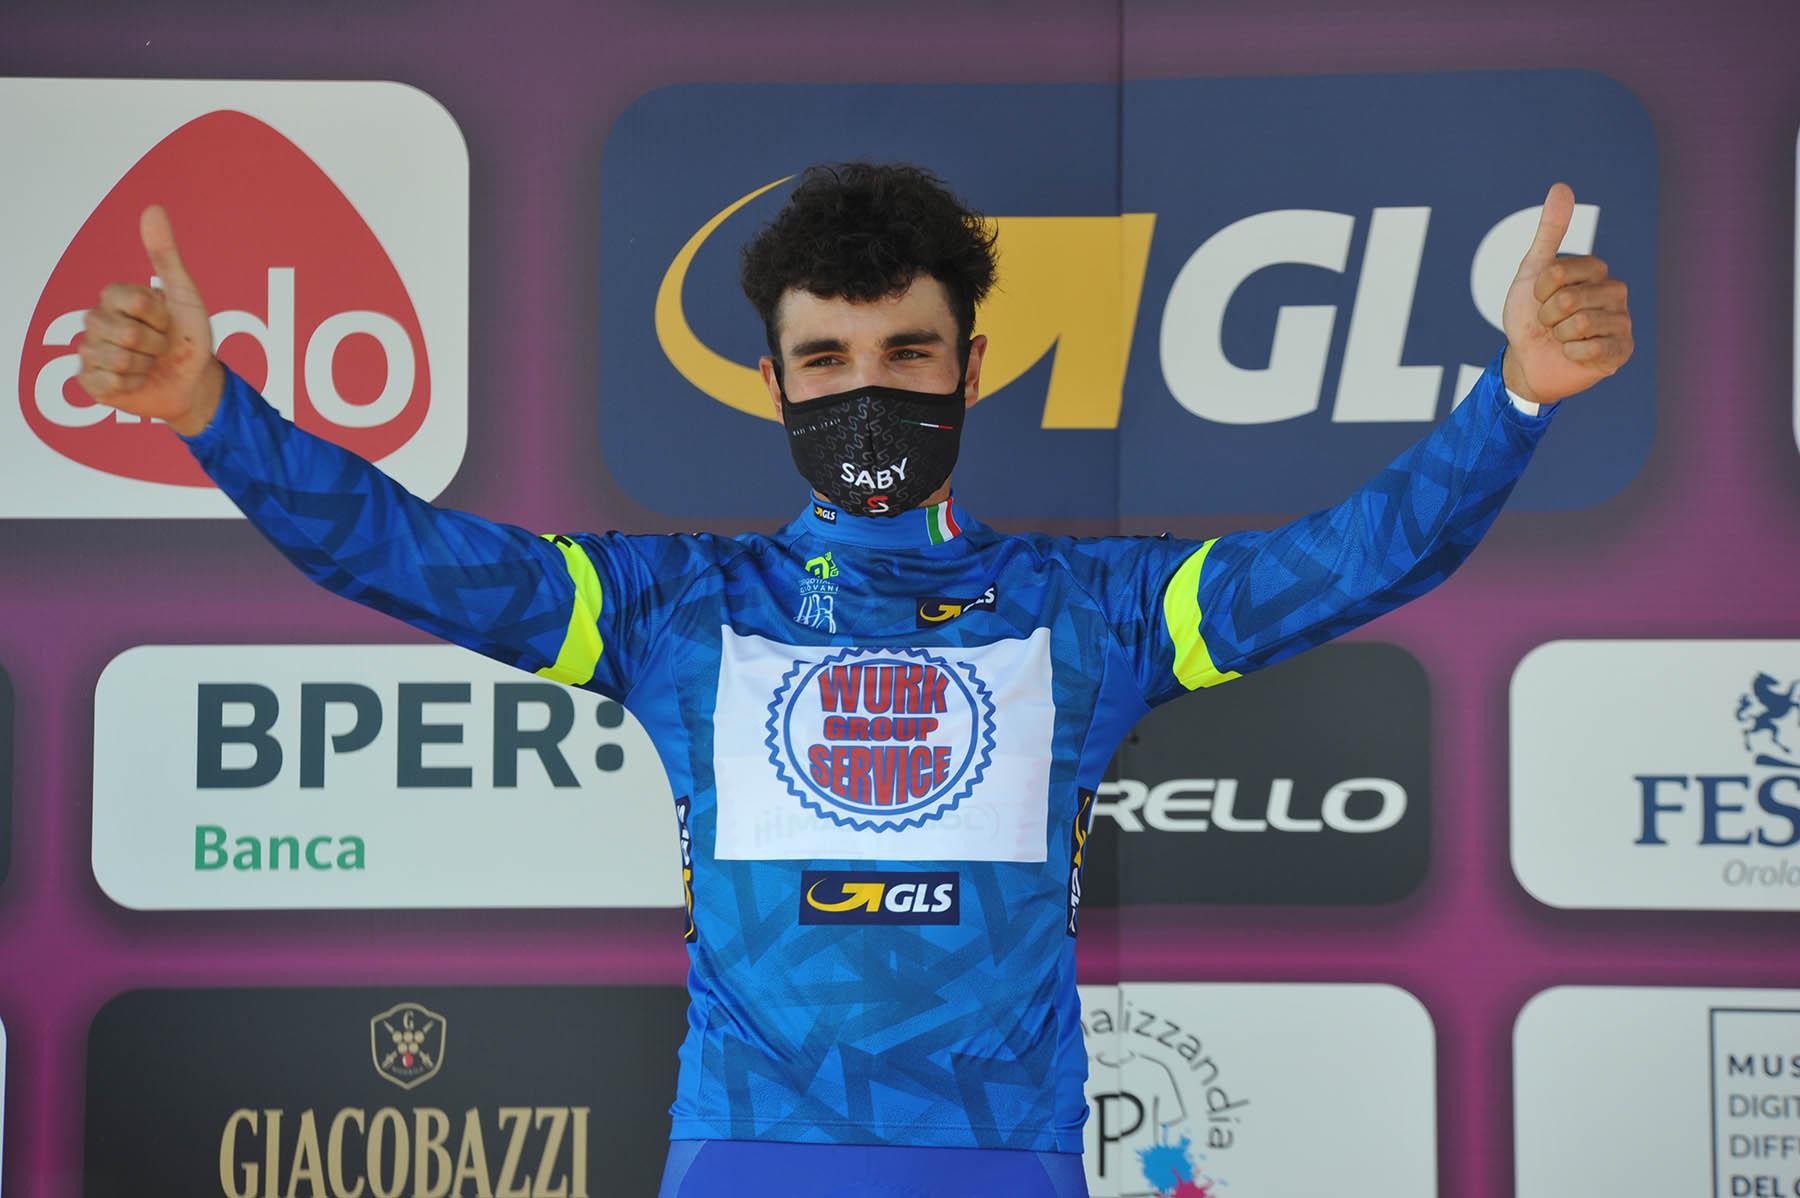 Giro d'Italia Giovani, Bobbo argento a Riccione